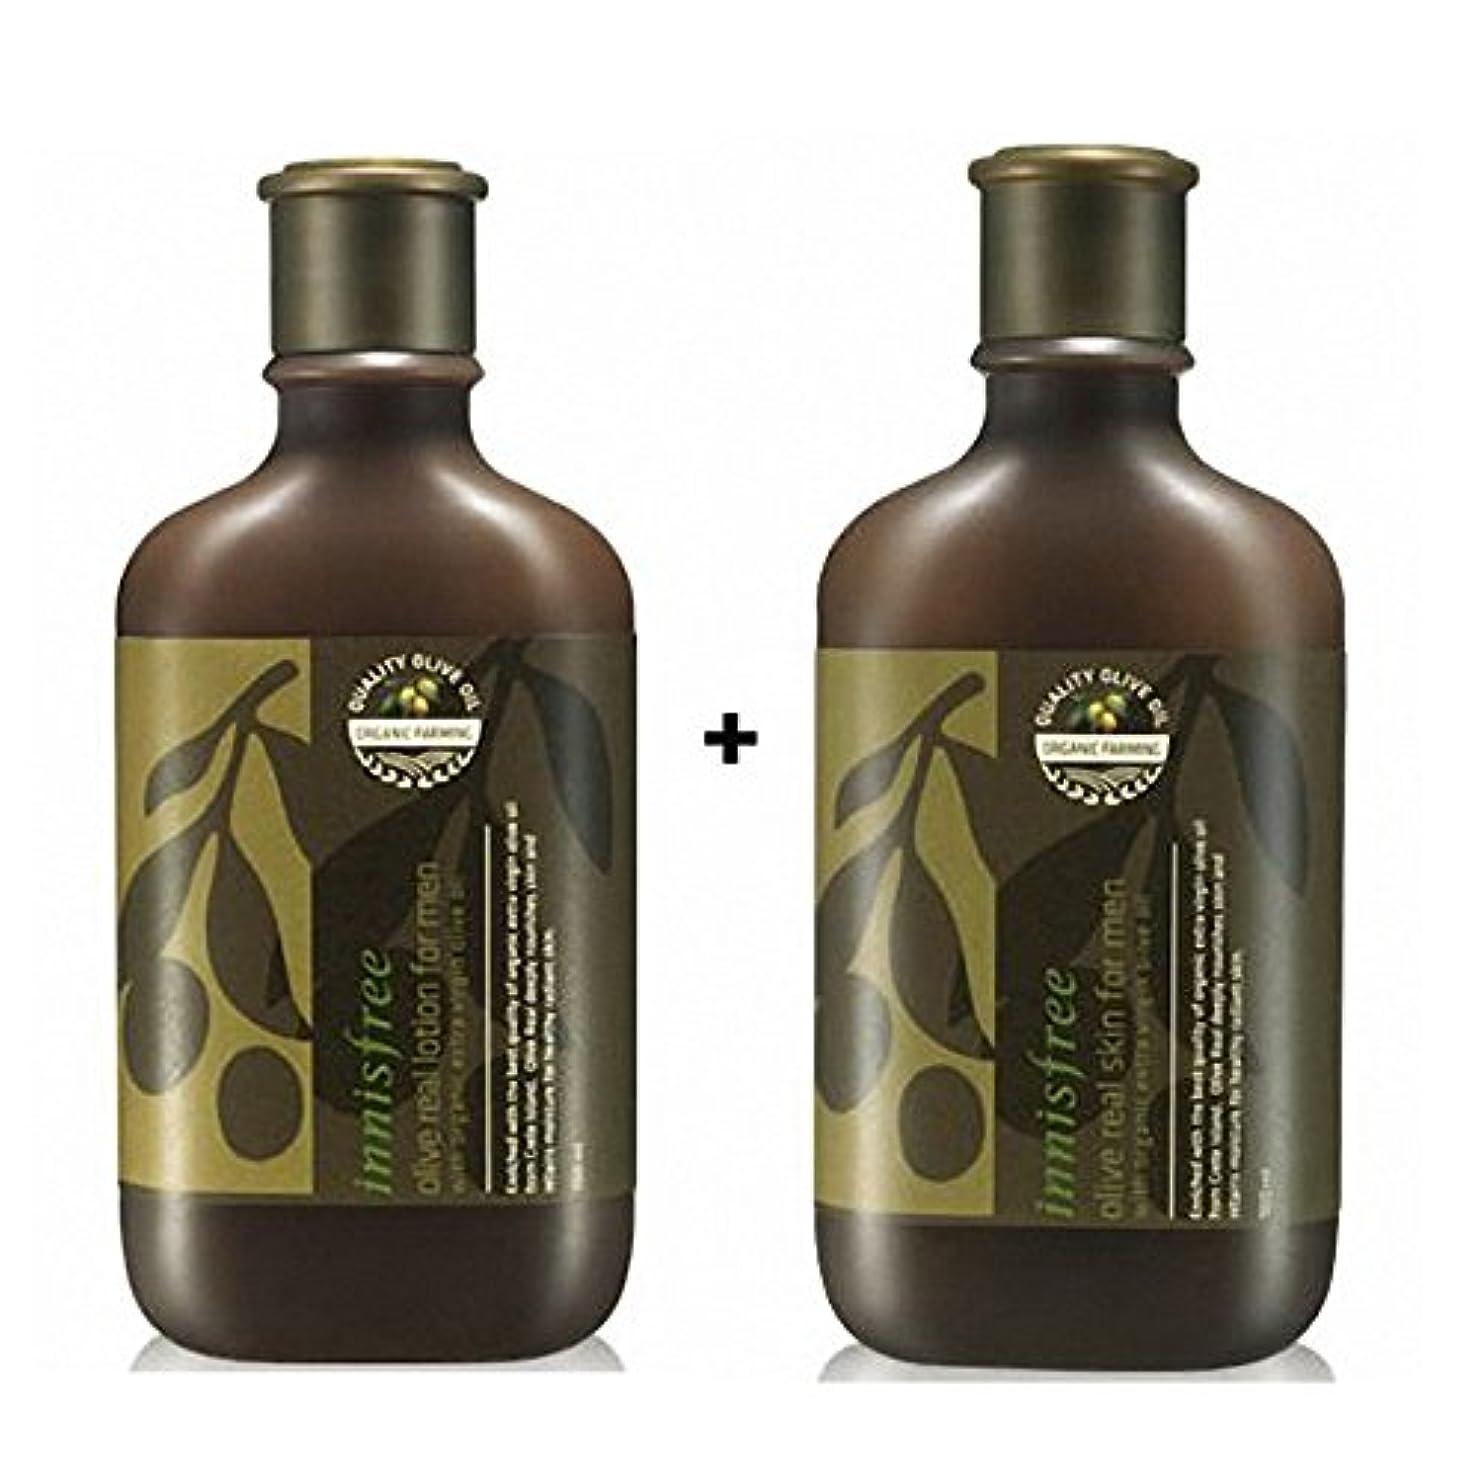 庭園グレード伝染性[イニスフリー] Innisfree オリーブリアルローション.スキンフォアマンセット(150ml+150ml) Innisfree Olive Real Lotion.Skin Set  For Men(150ml+150ml...